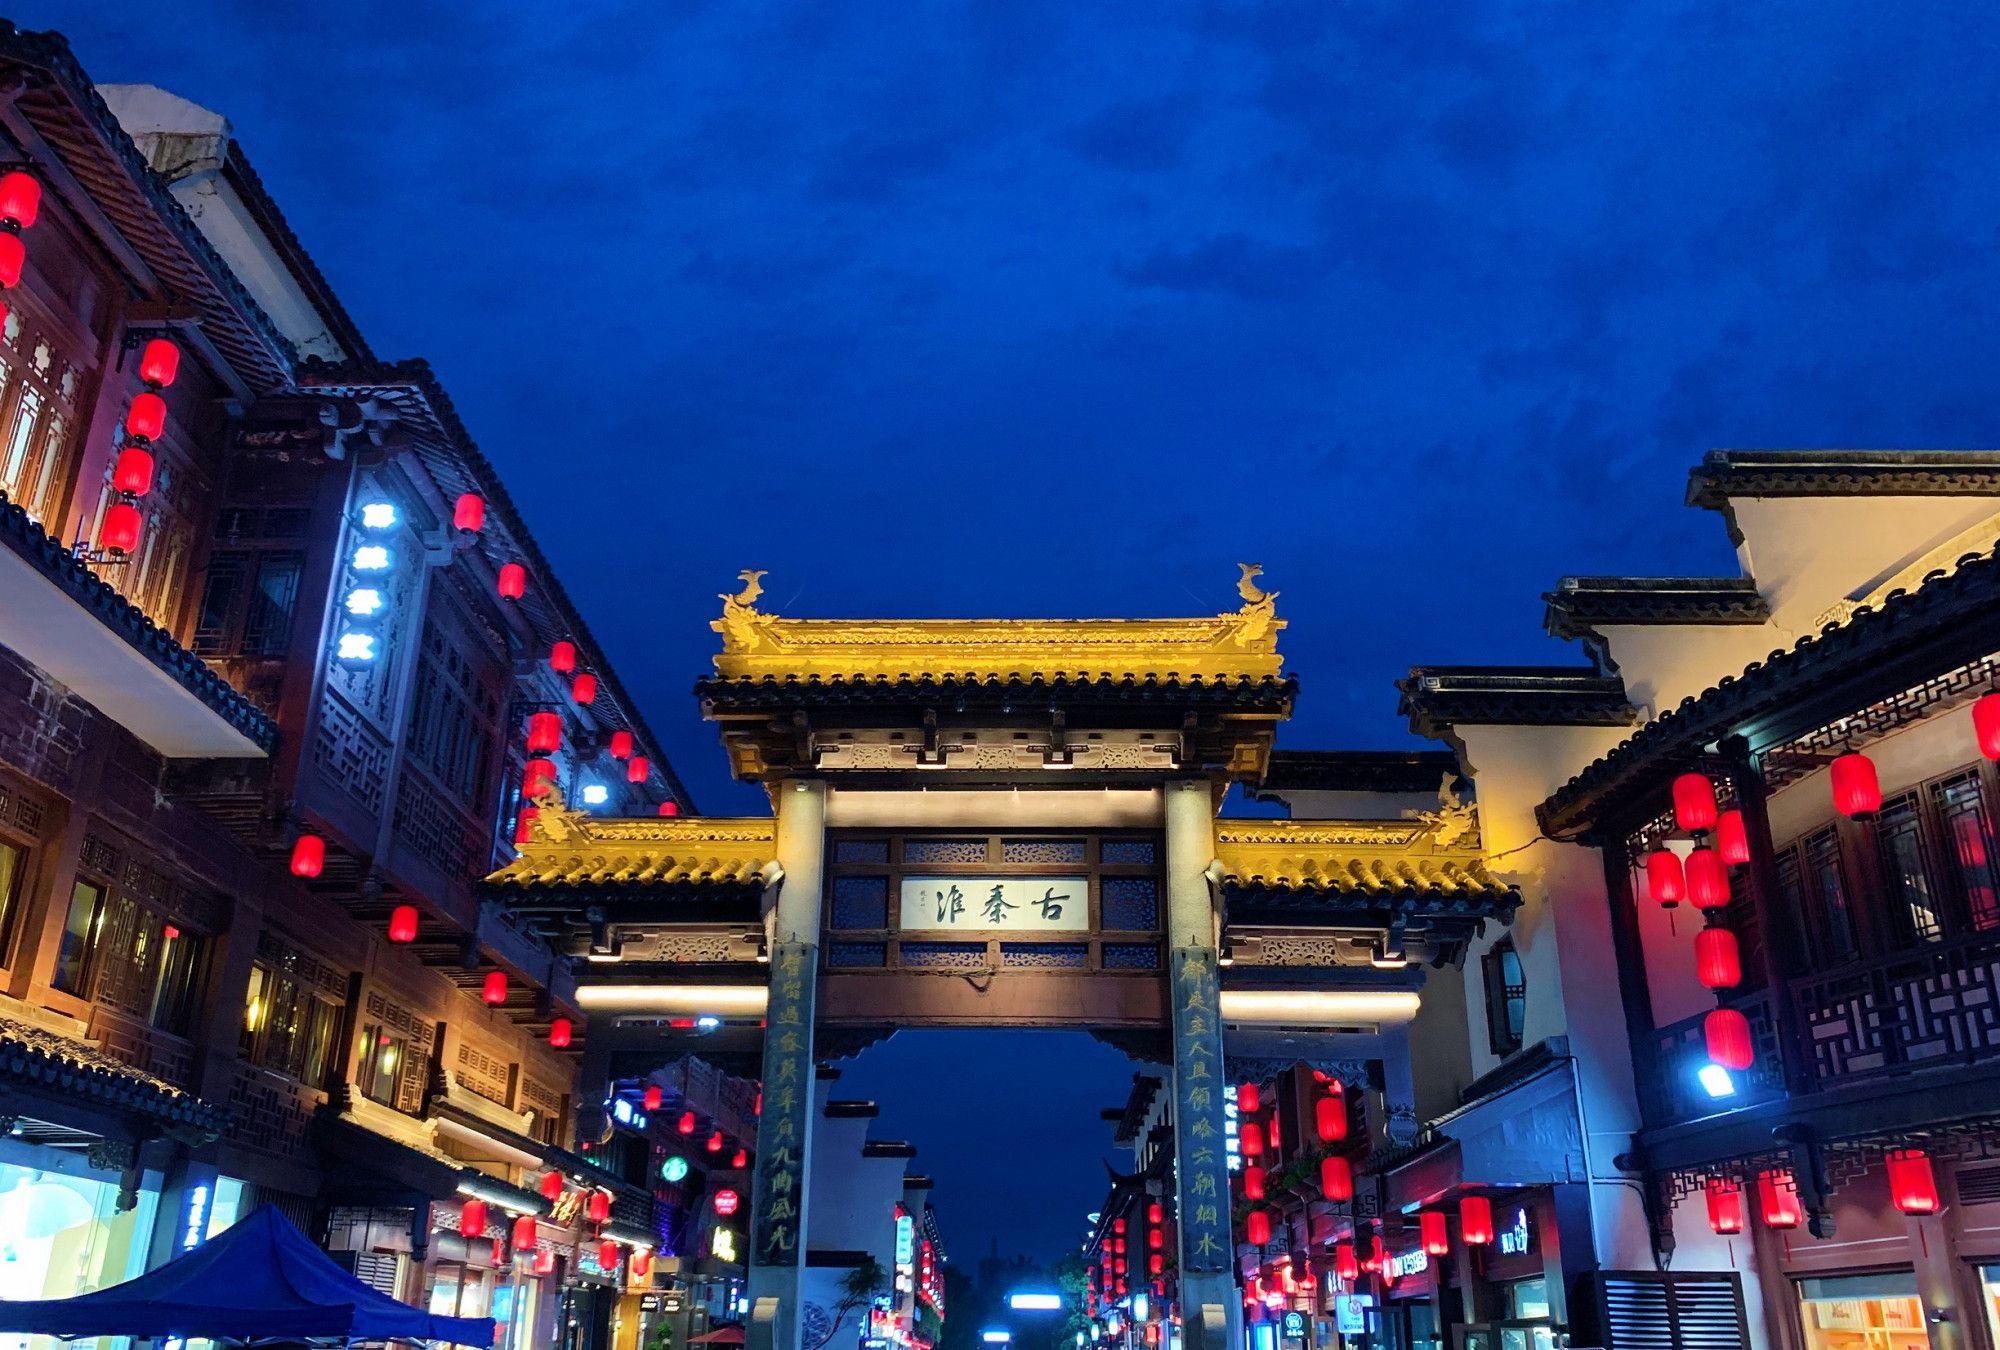 实拍南京夫子庙街头